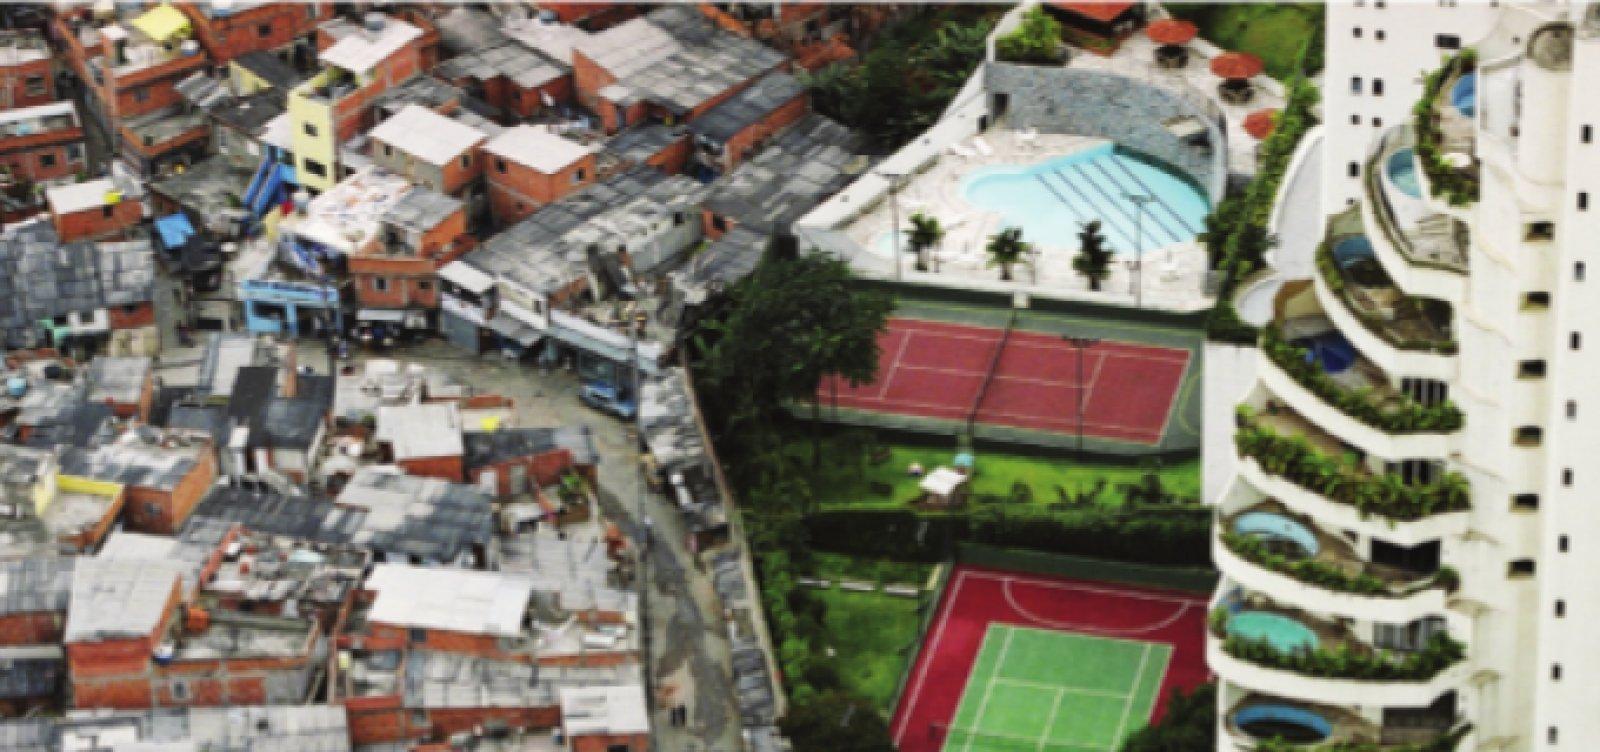 [Brasileiros não acreditam em progresso com desigualdade social, diz pesquisa]